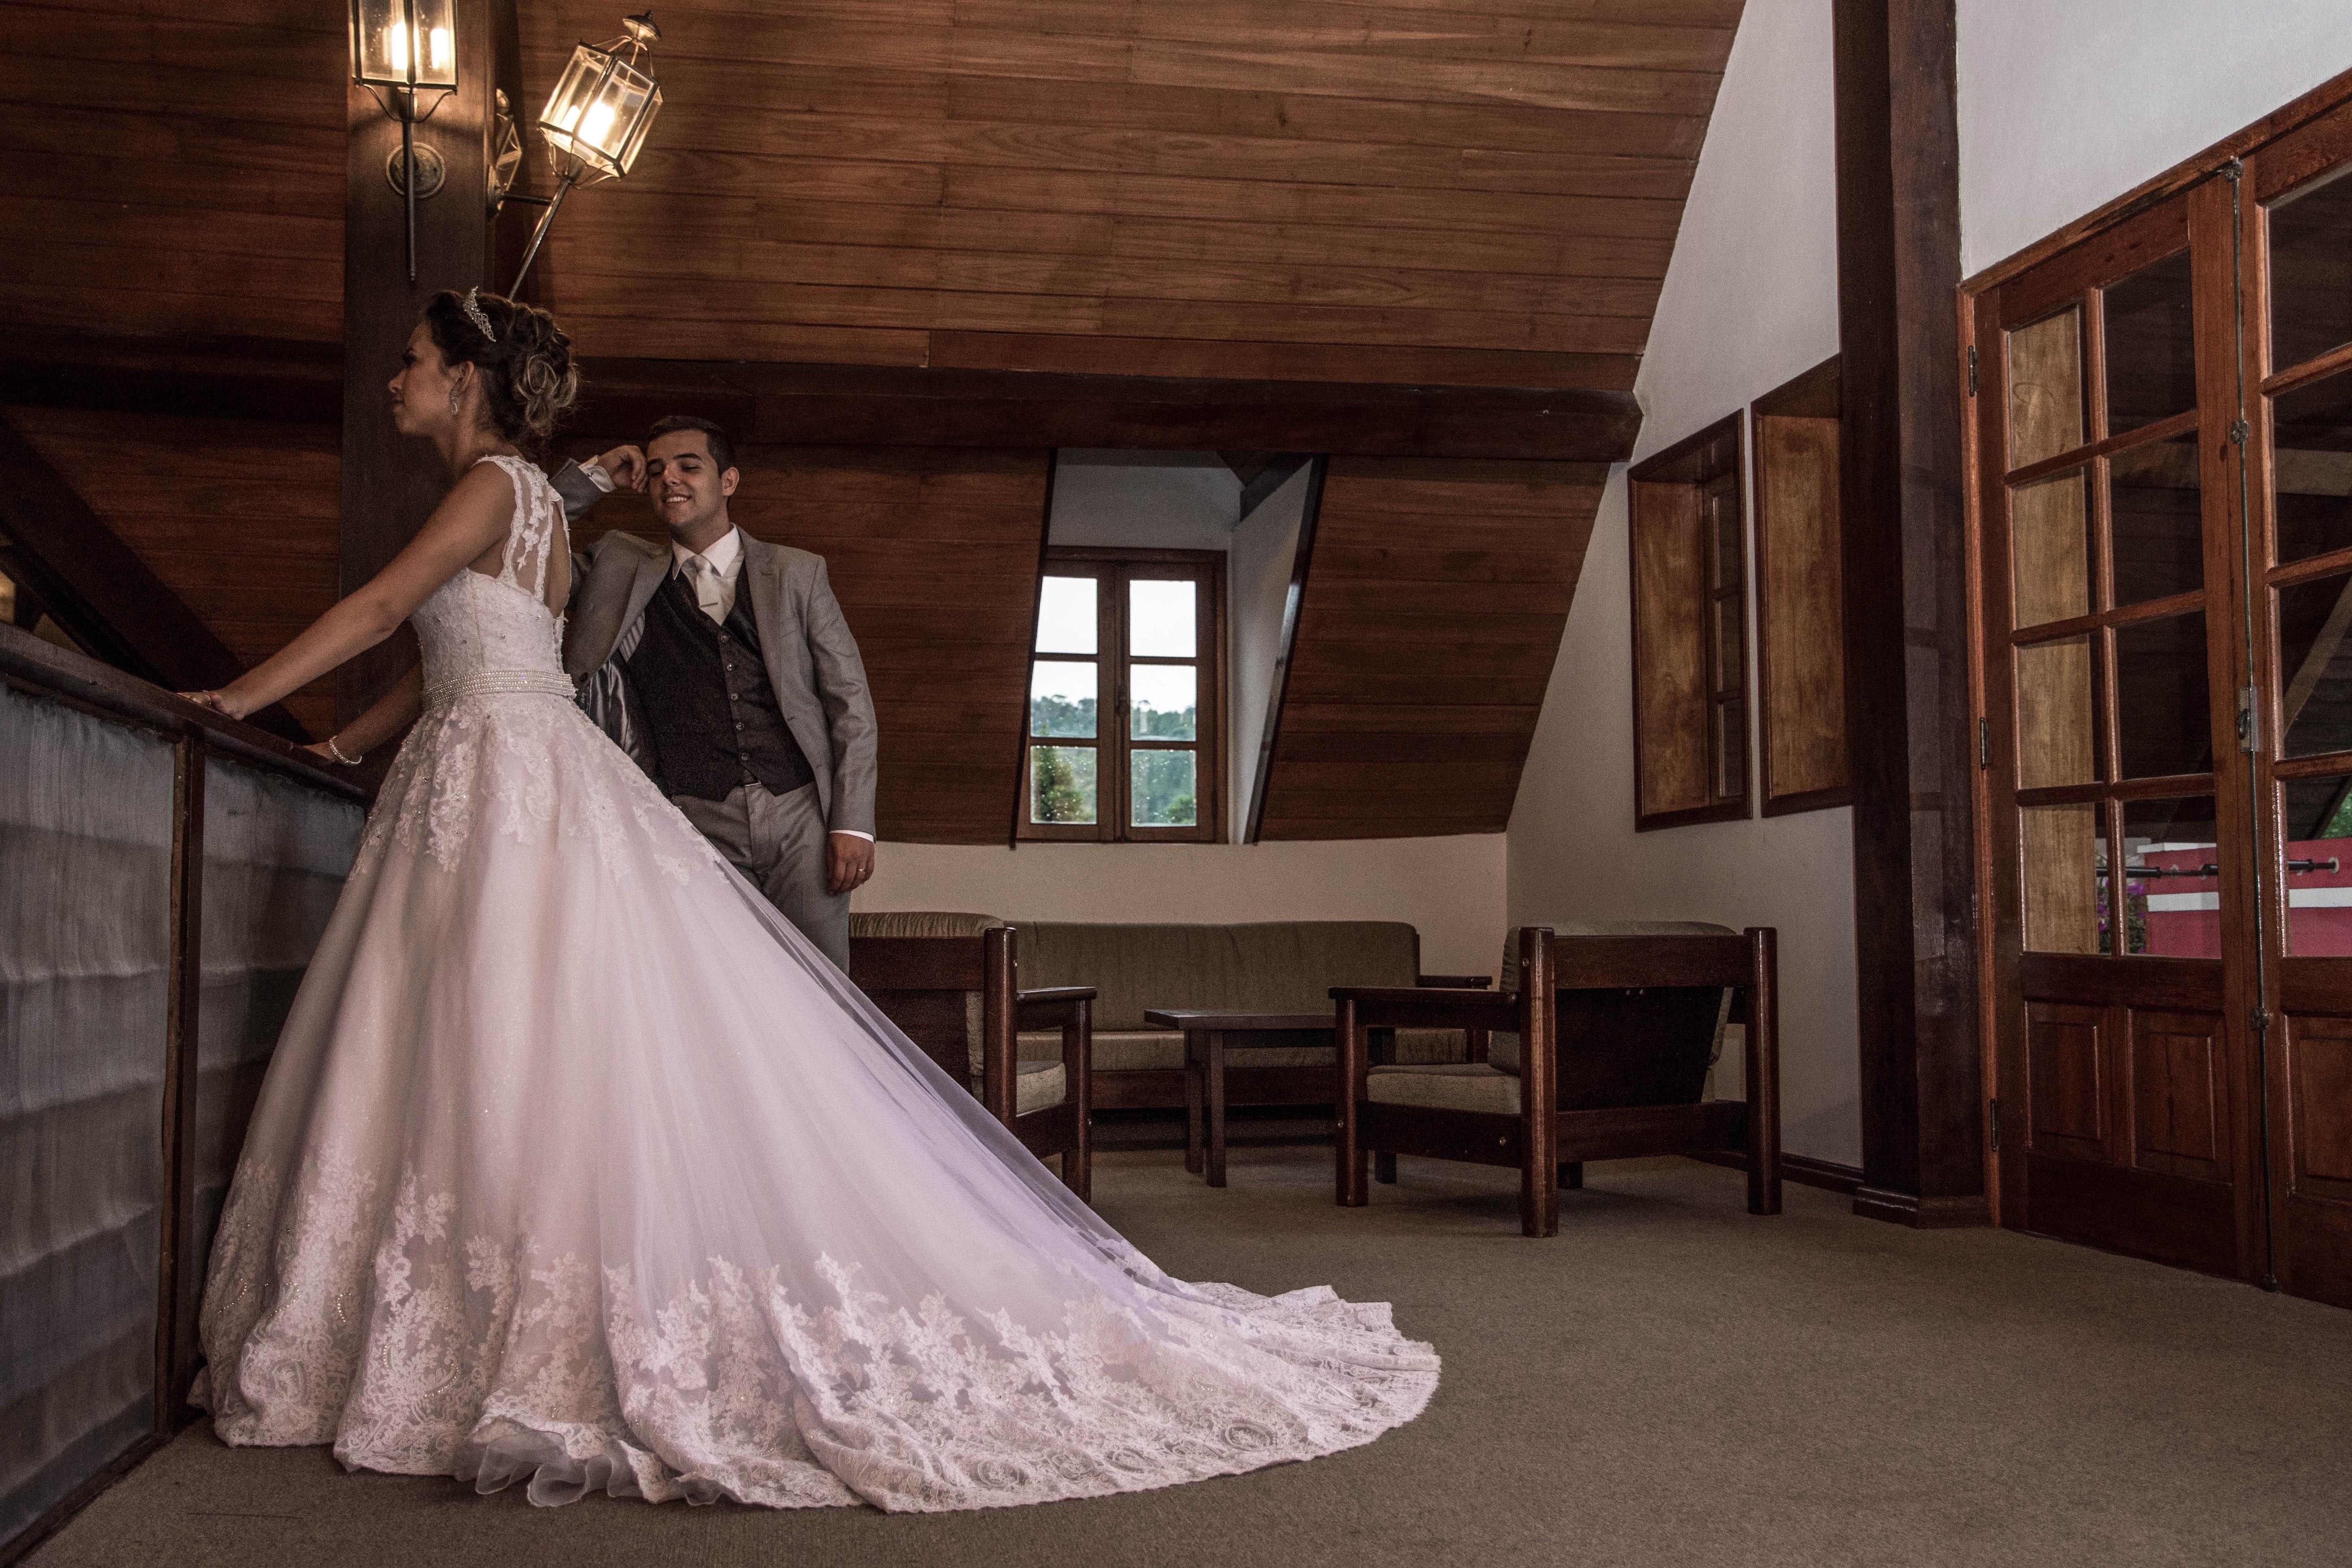 Fotografia de casamento Vitoria ES - Find a Click Fotografia casamento ES-36